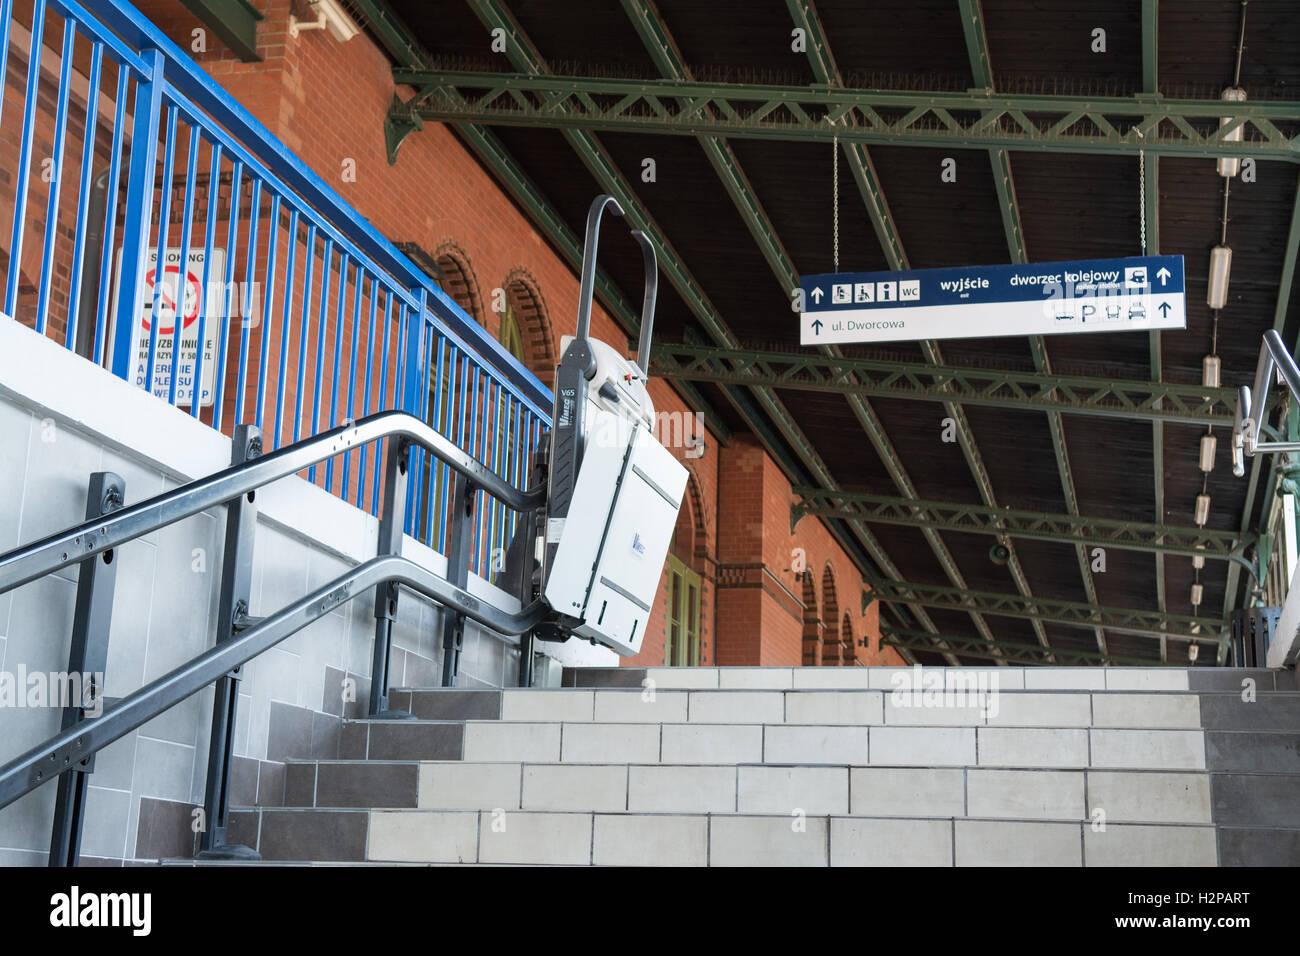 La gare de Malbork, Malbork, Pologne - monte-escalier pour aider les personnes à mobilité réduite Photo Stock